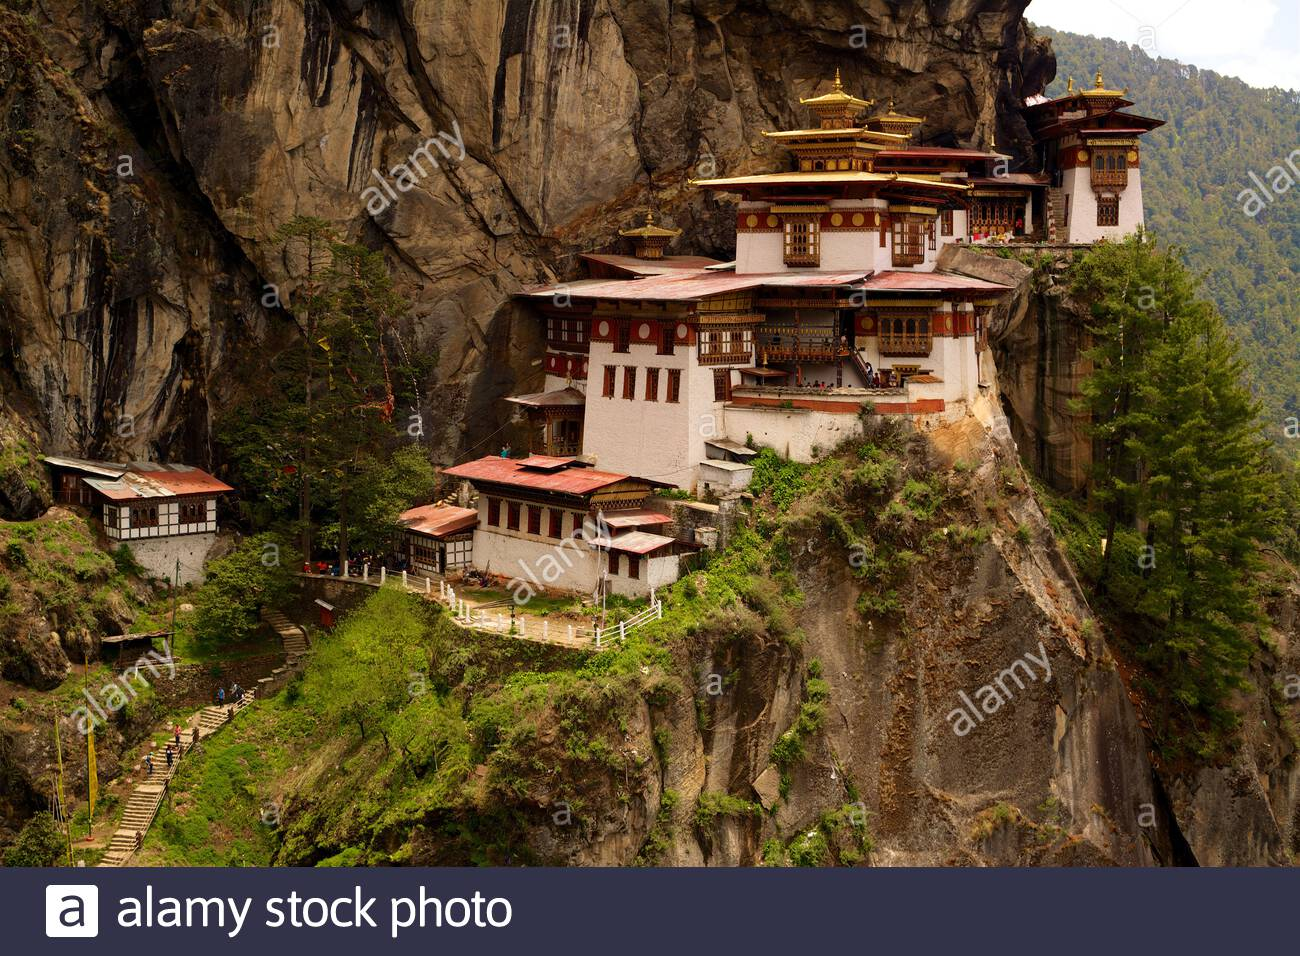 Il Monastero di Taktsang, conosciuto anche come Taktsang Lhakhang, il Nido della Tigre e Paro Taktsang, si trova su una scogliera sopra la Valle di Paro in Bhutan Foto Stock